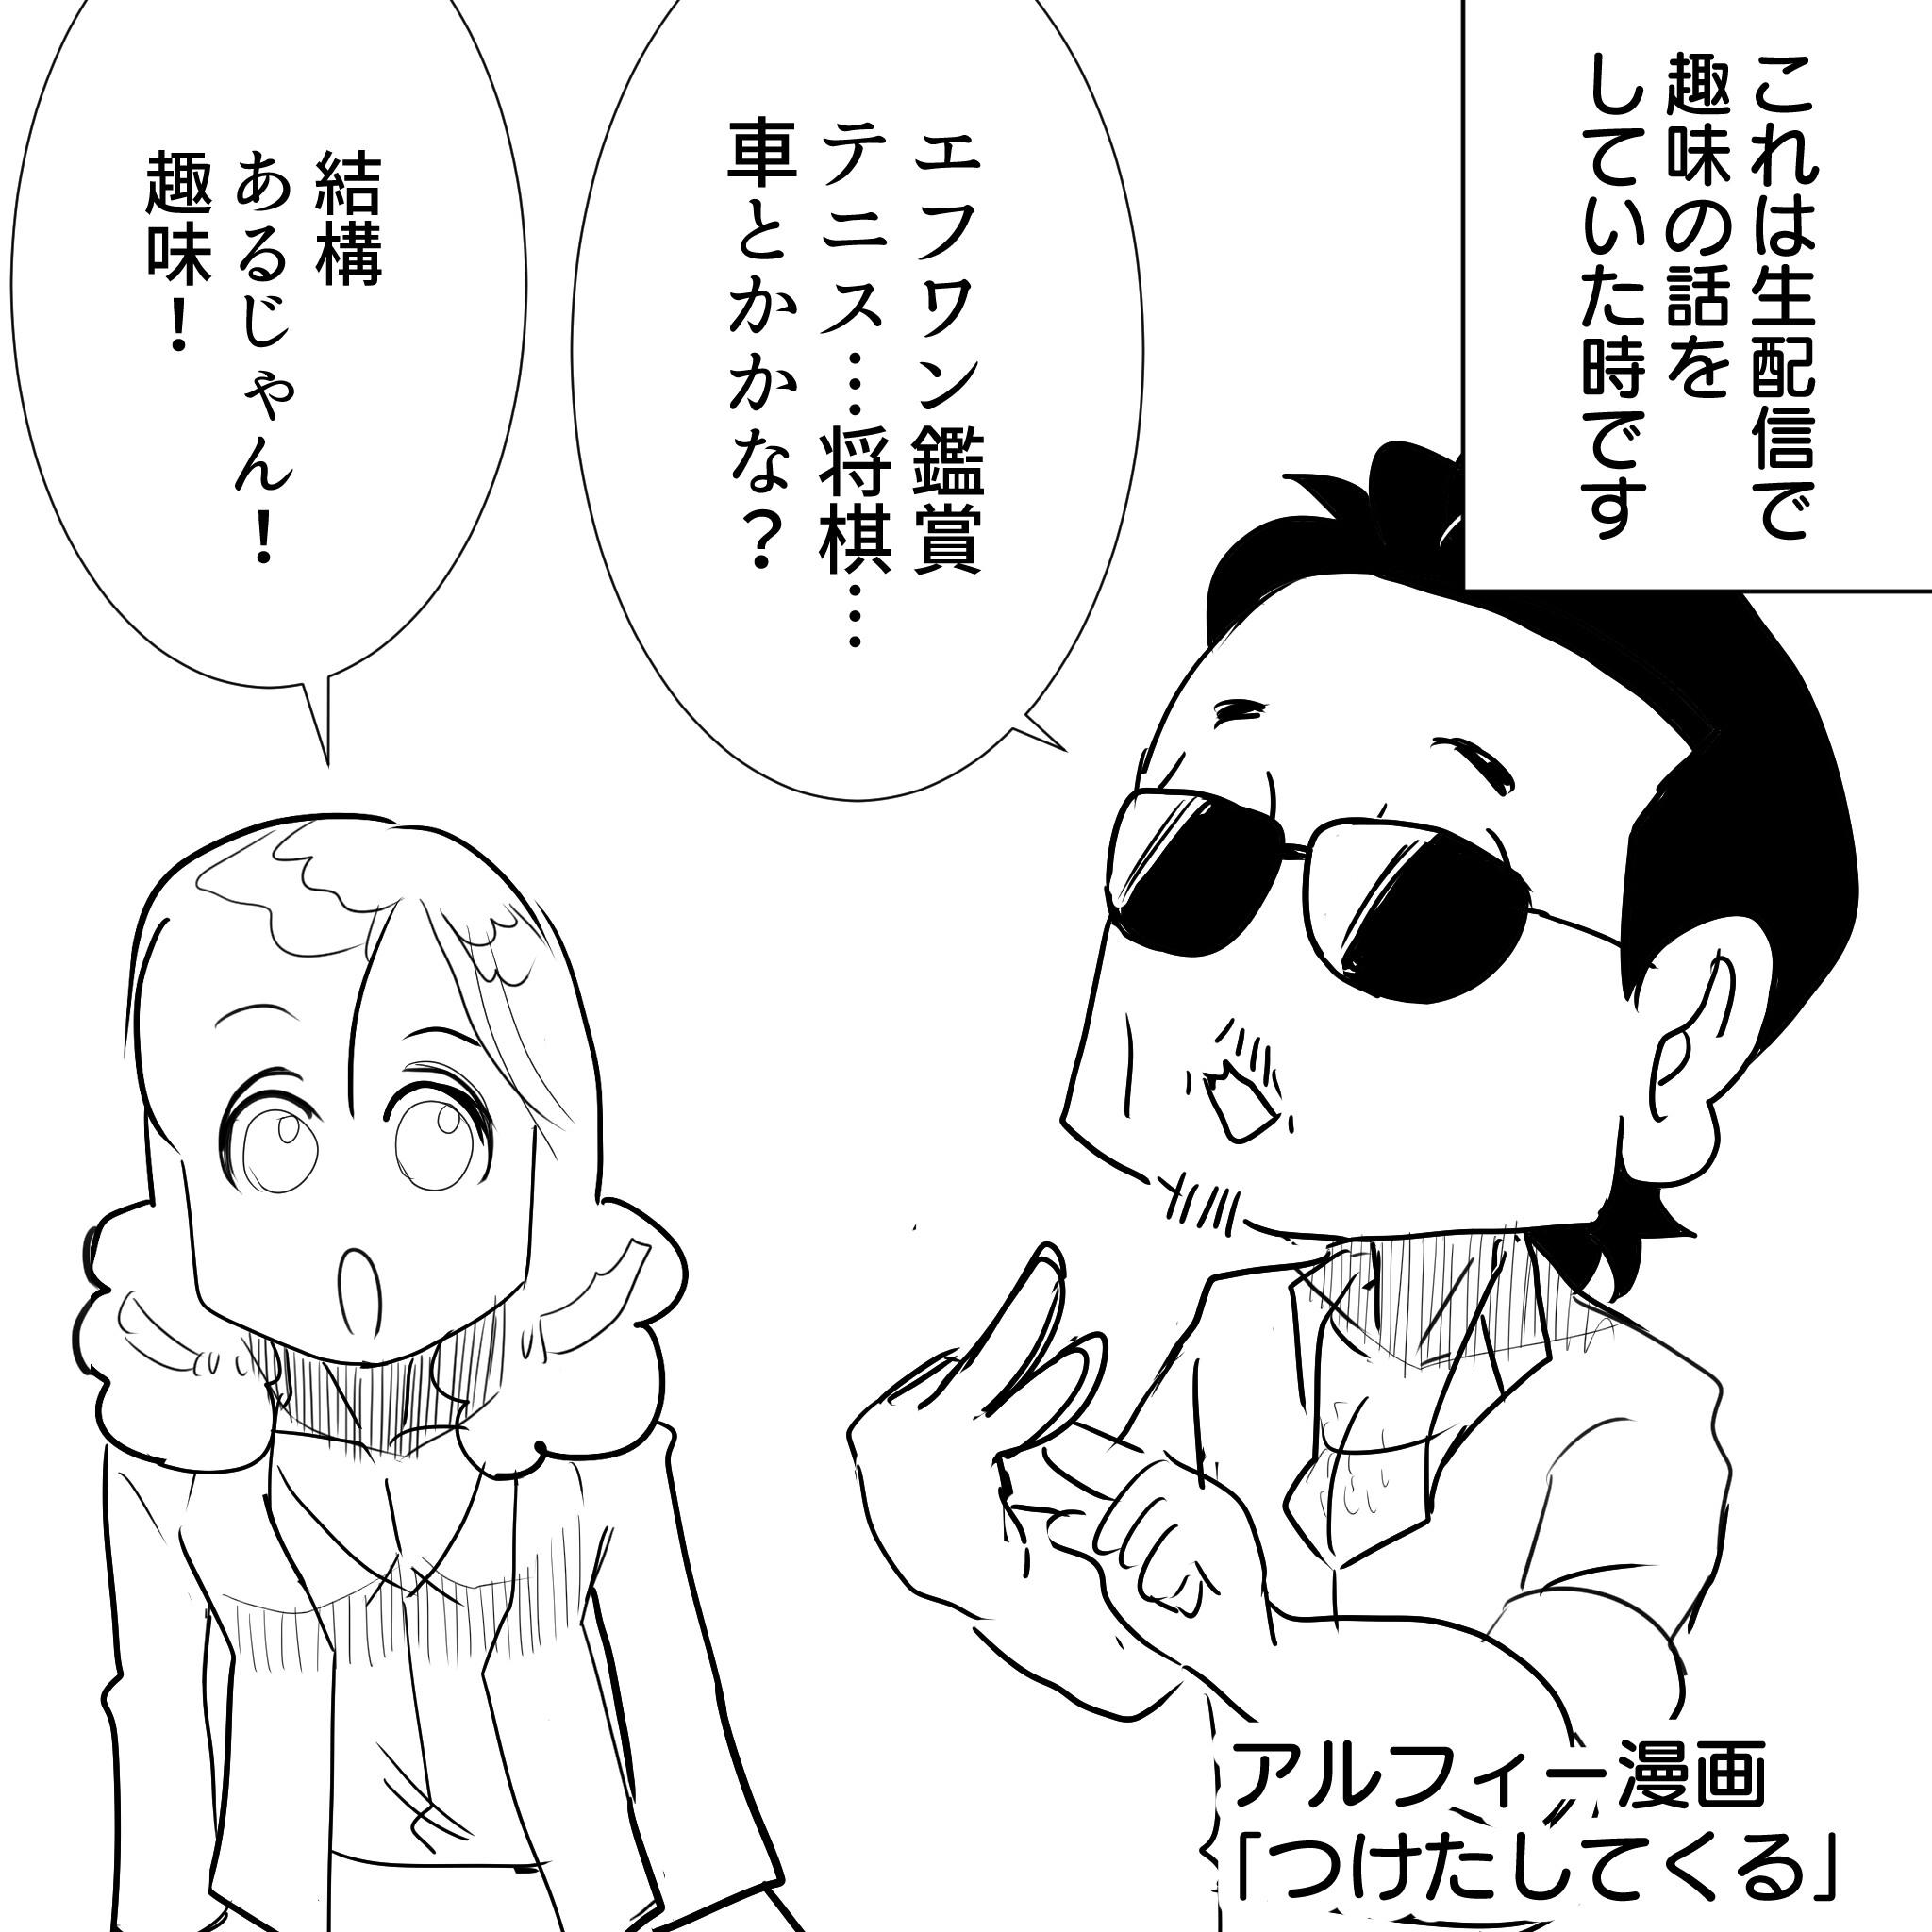 つけたし坂崎1